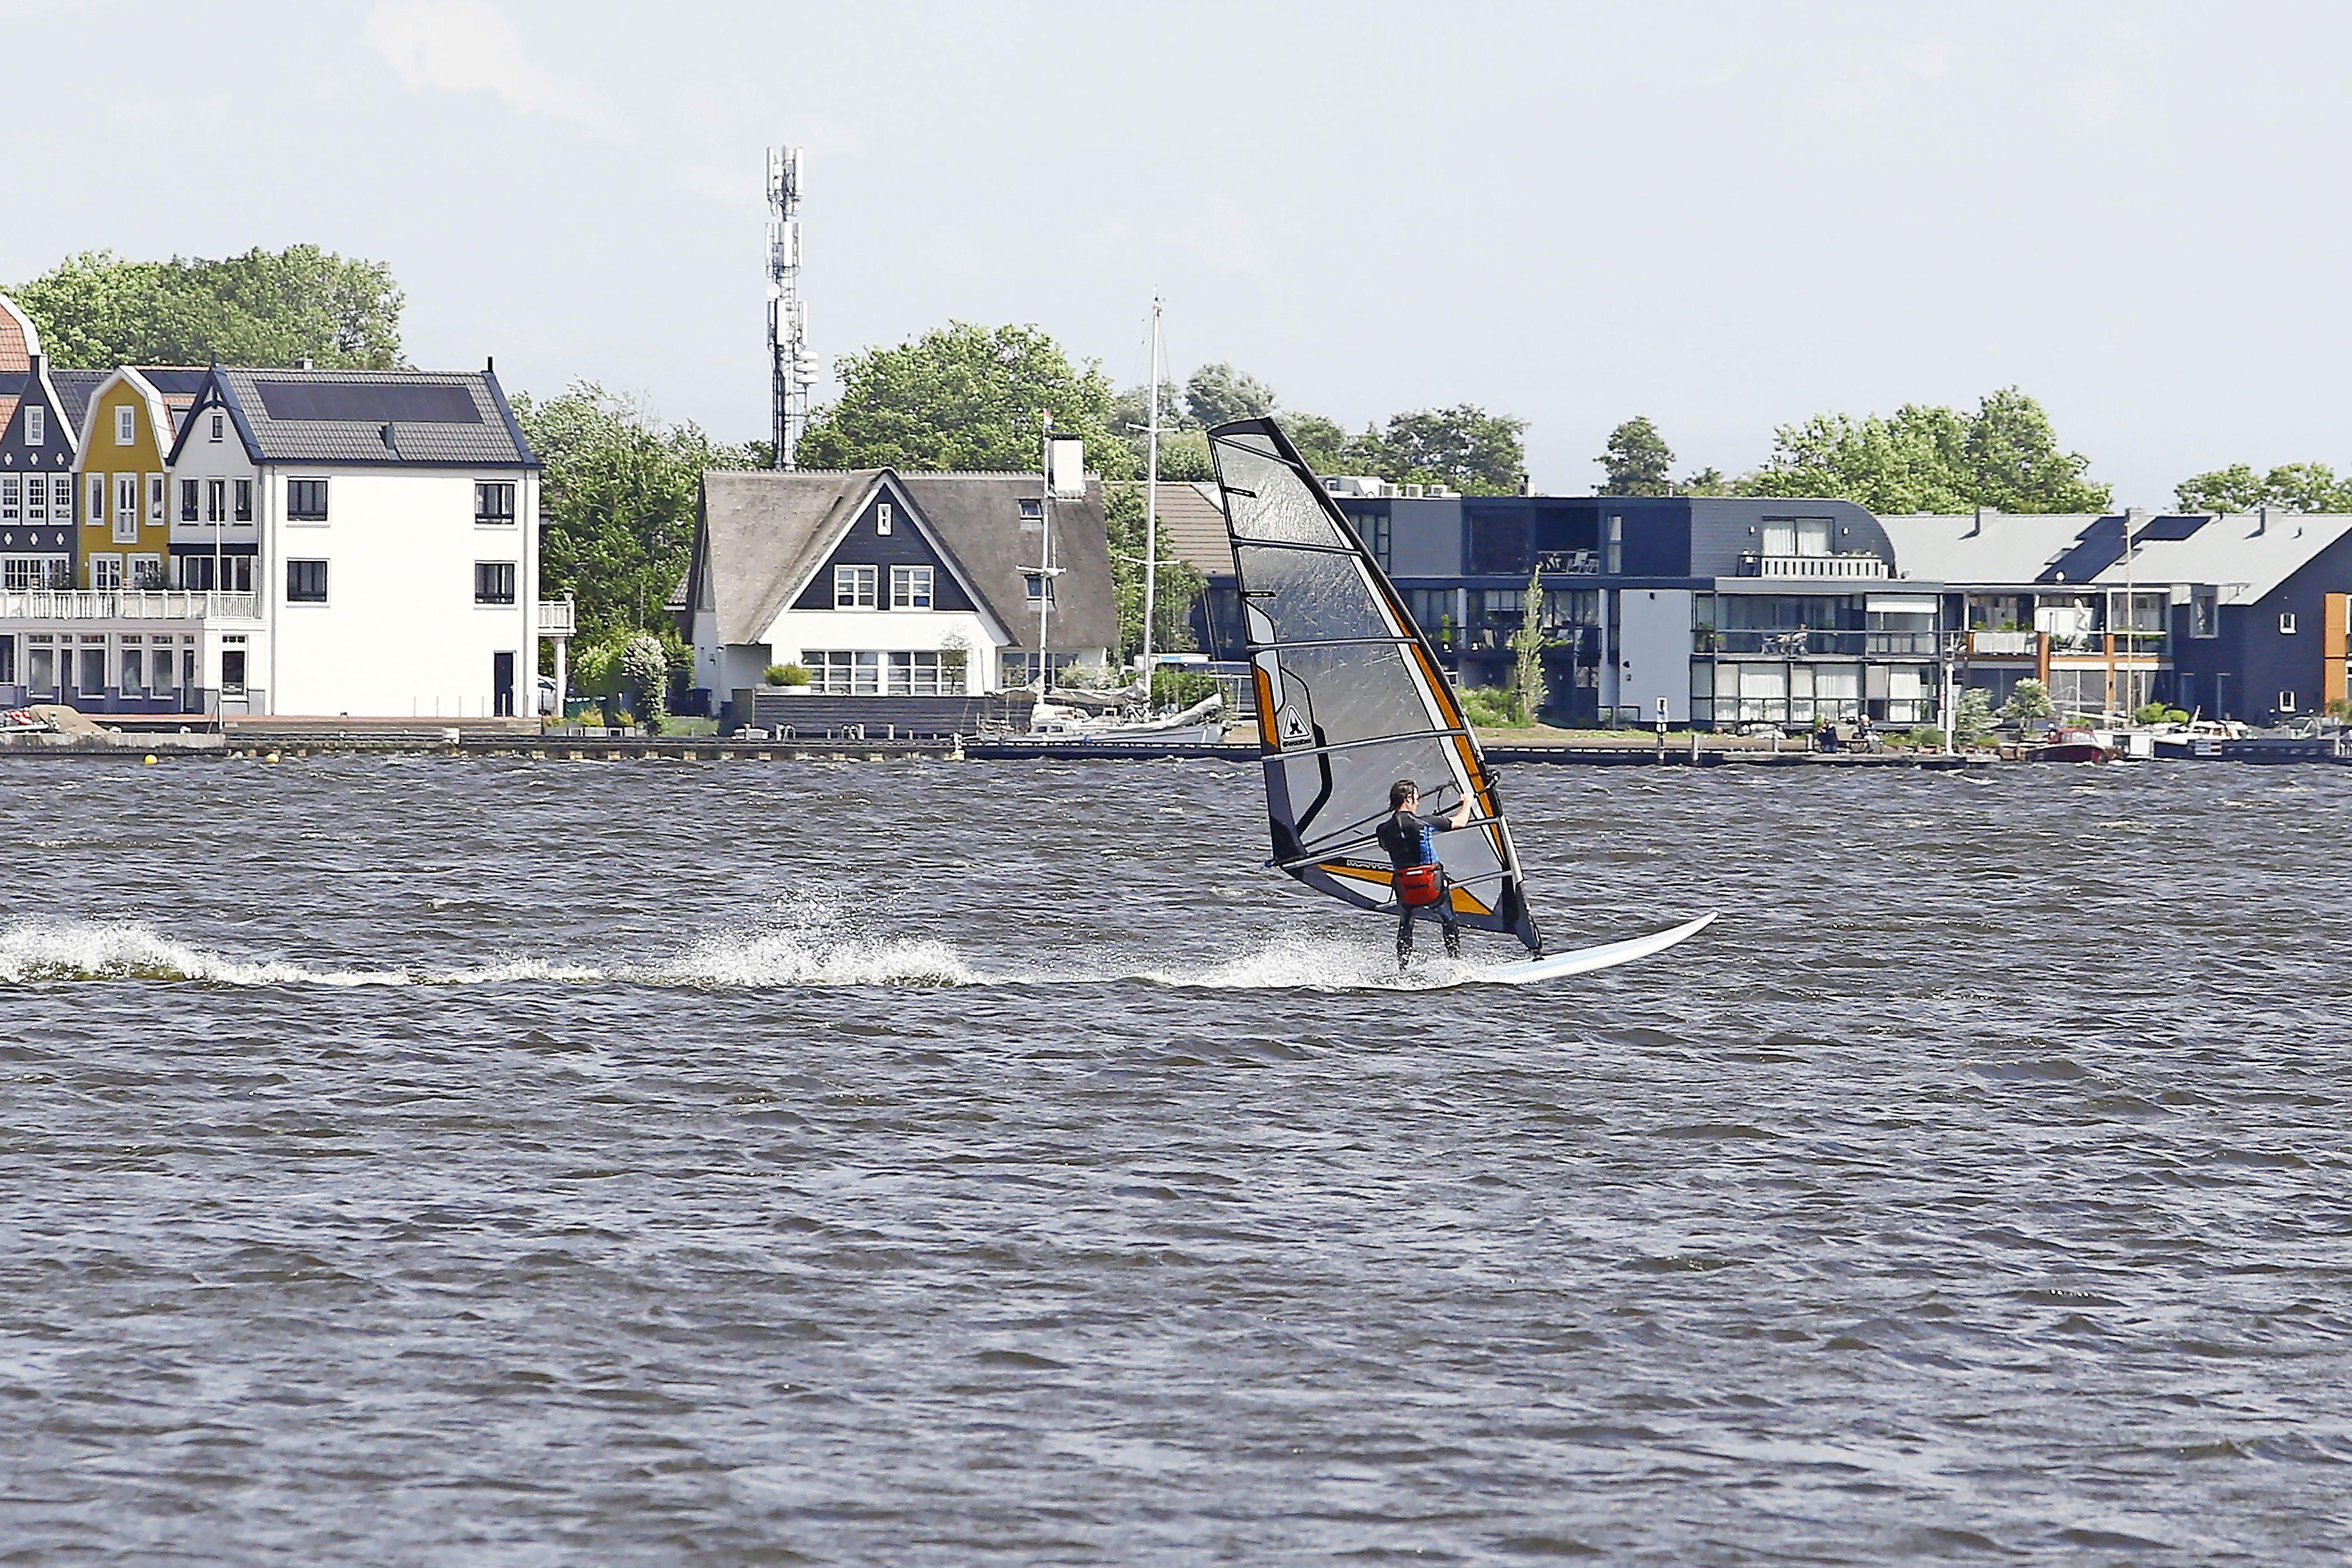 'Vandaag één sloep verhuurd'; Wisselvallig weer zorgt voor dipje in zomerse recreatie, maar watersportondernemers wanhopen niet